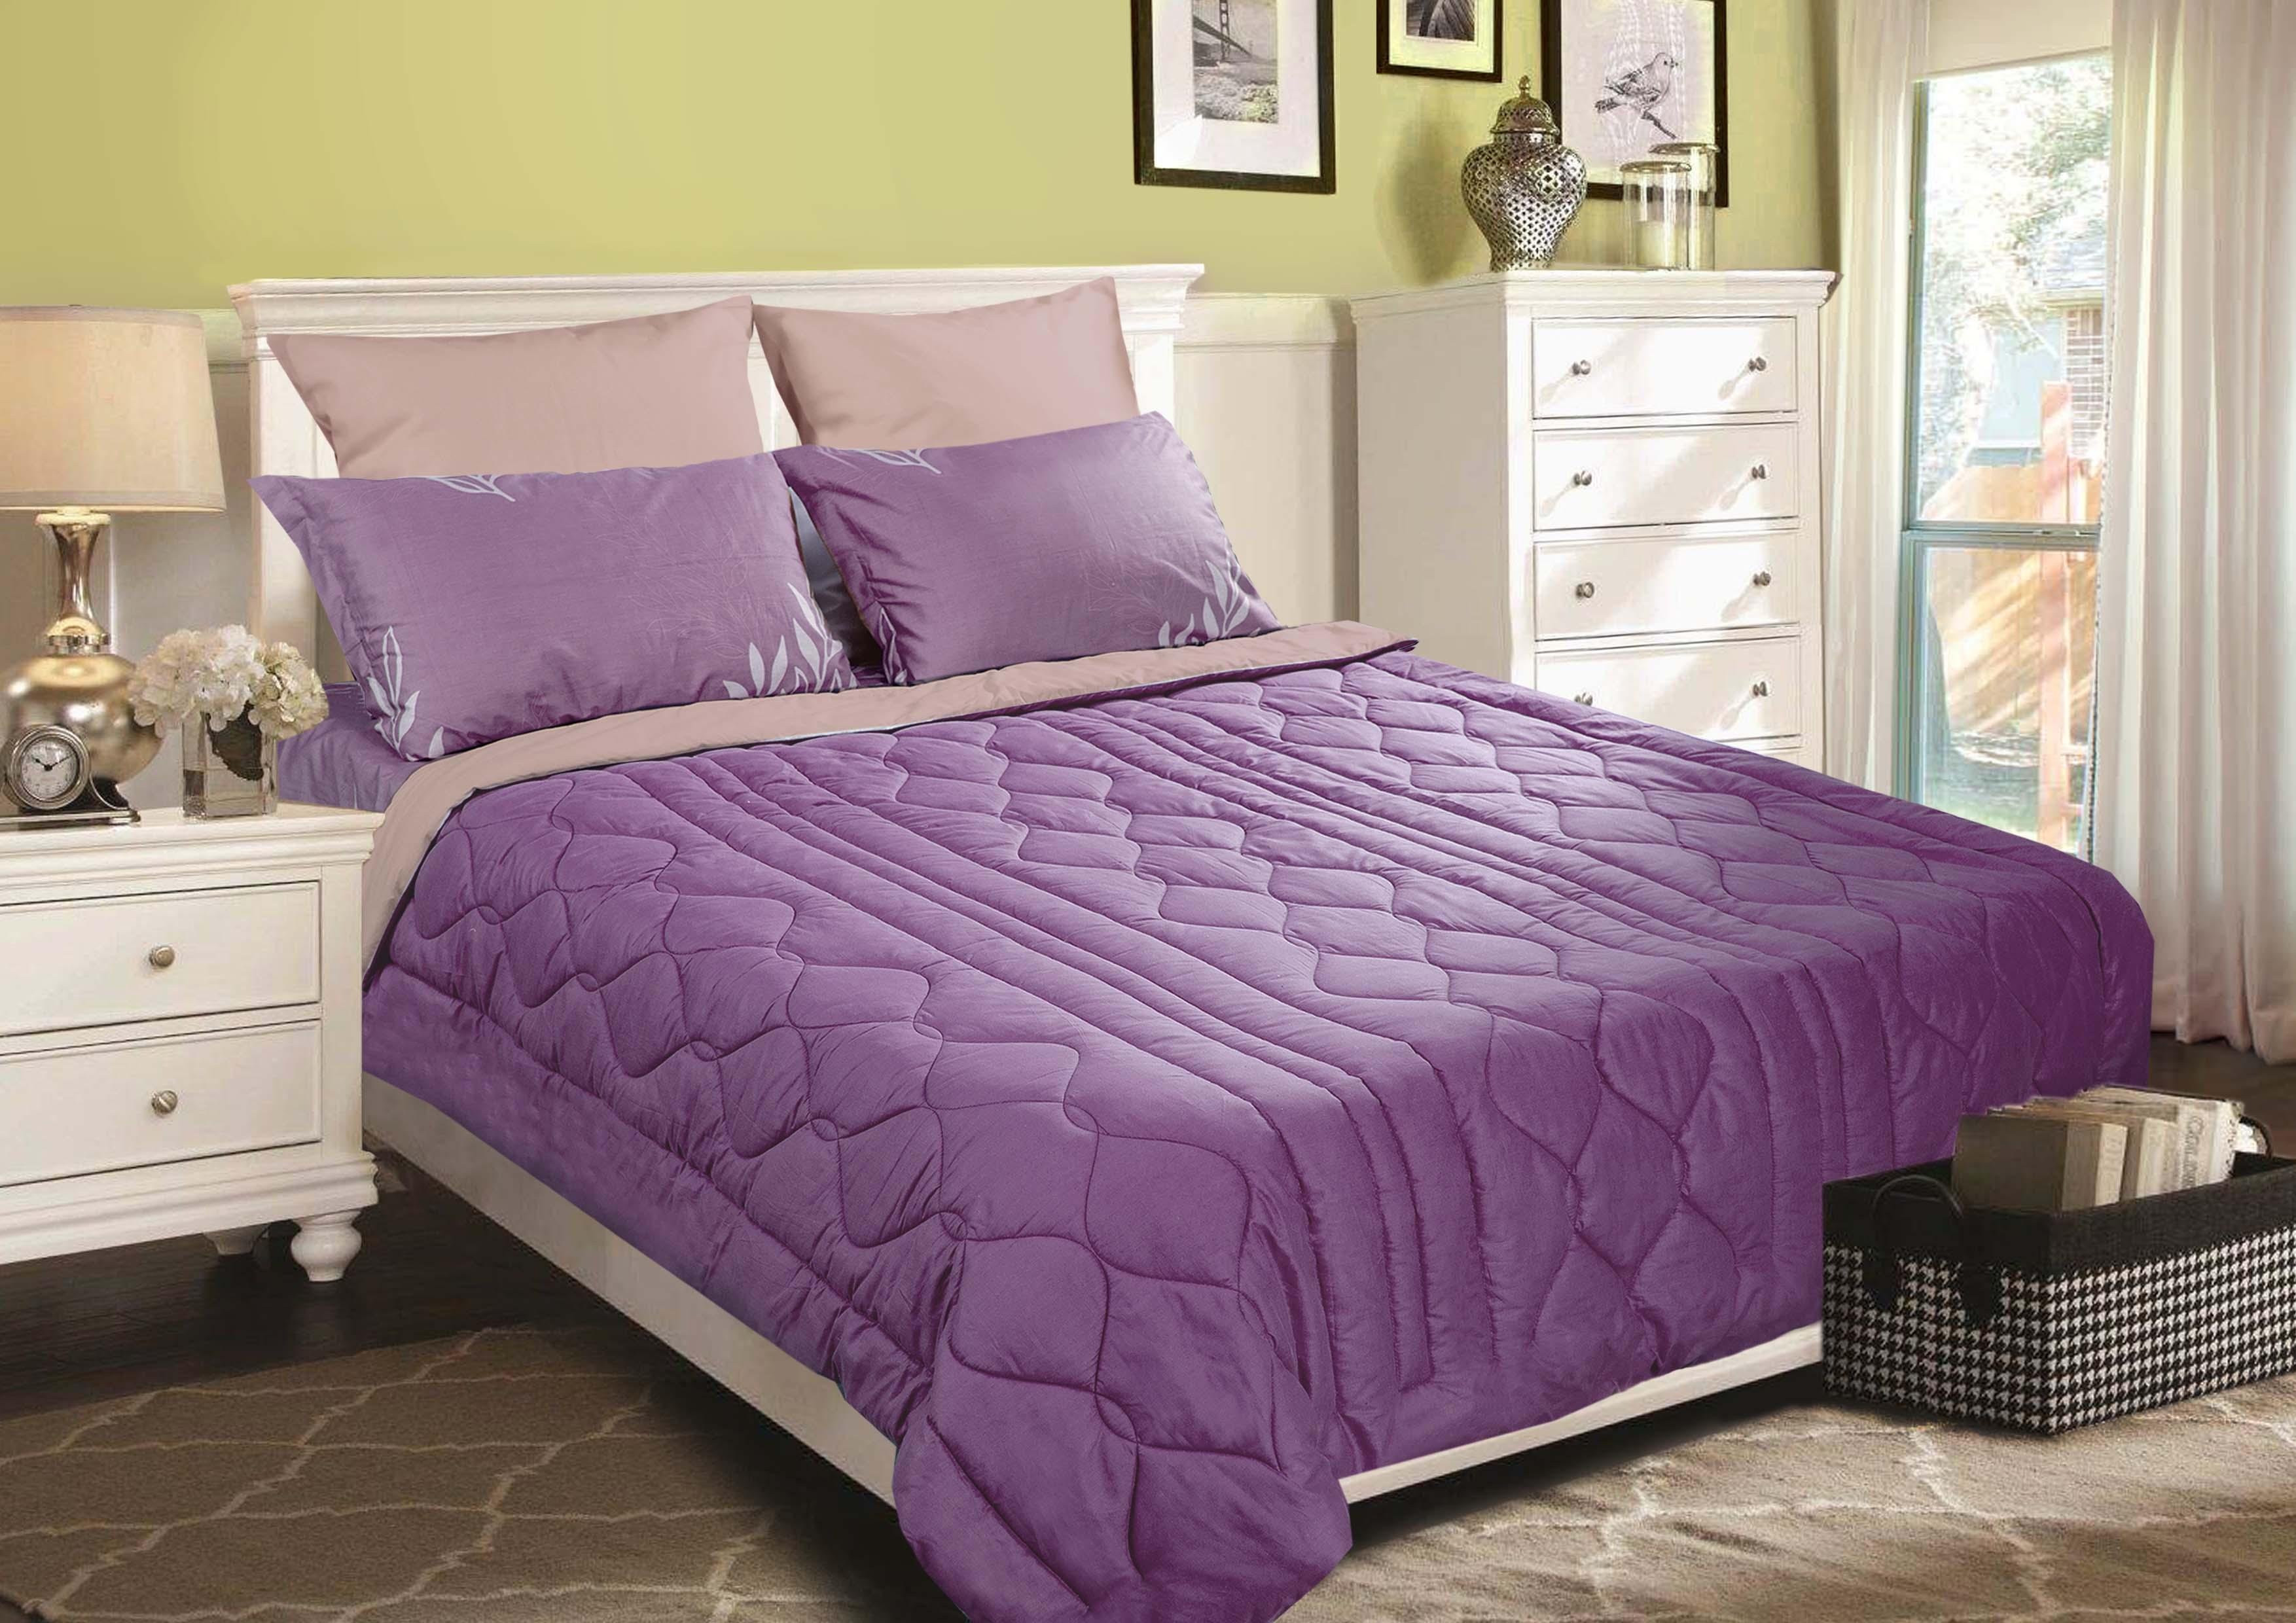 """Одеяло Primavelle покрывало """"Duo. Классика"""" 230 х 250 см, светло-коричневый, сиреневый"""